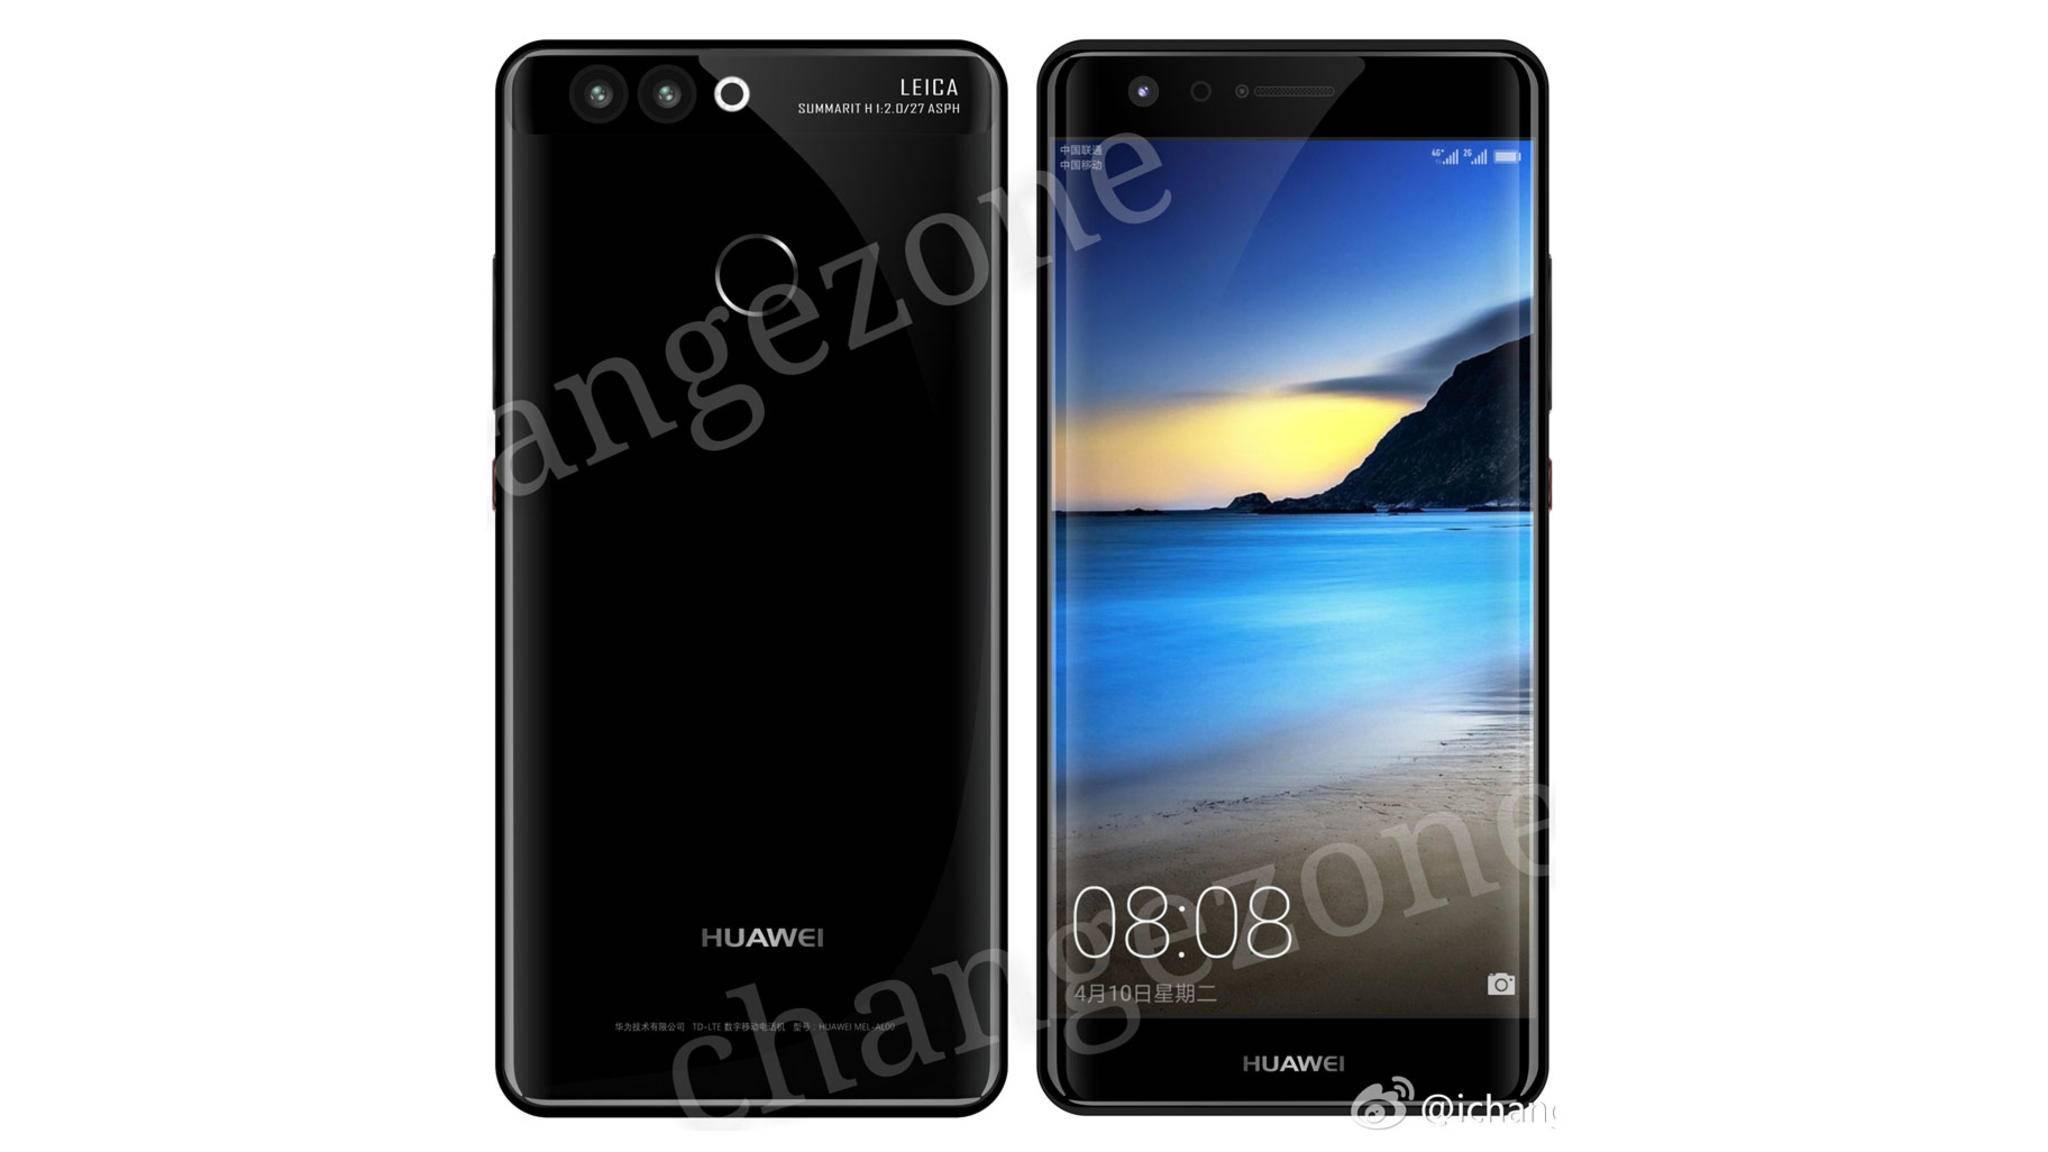 Das Huawei P10 soll früher als die Vorgänger erscheinen.